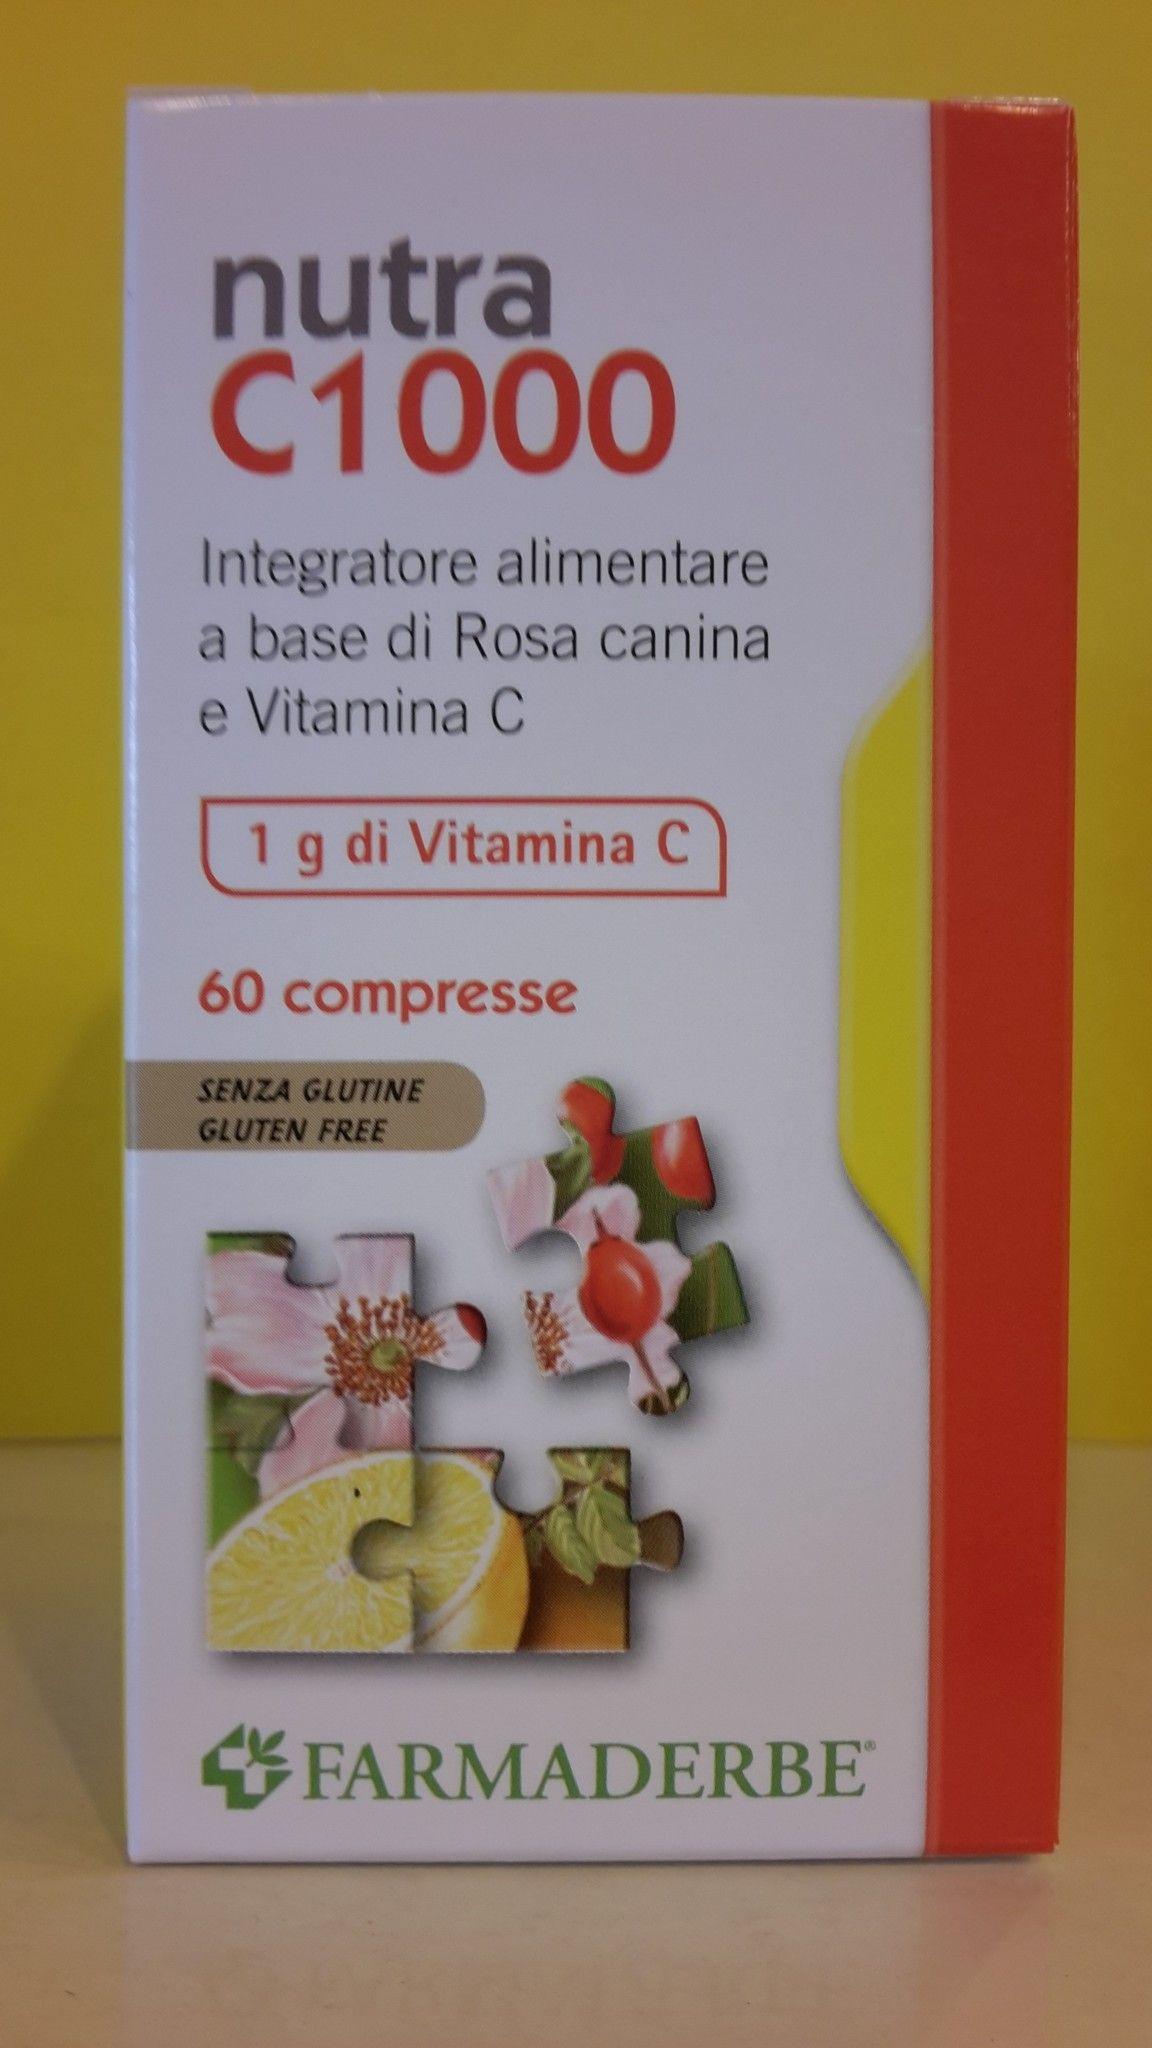 Nutra C 1000 - Vitamina C - 60 cpr -  FARMADERBE